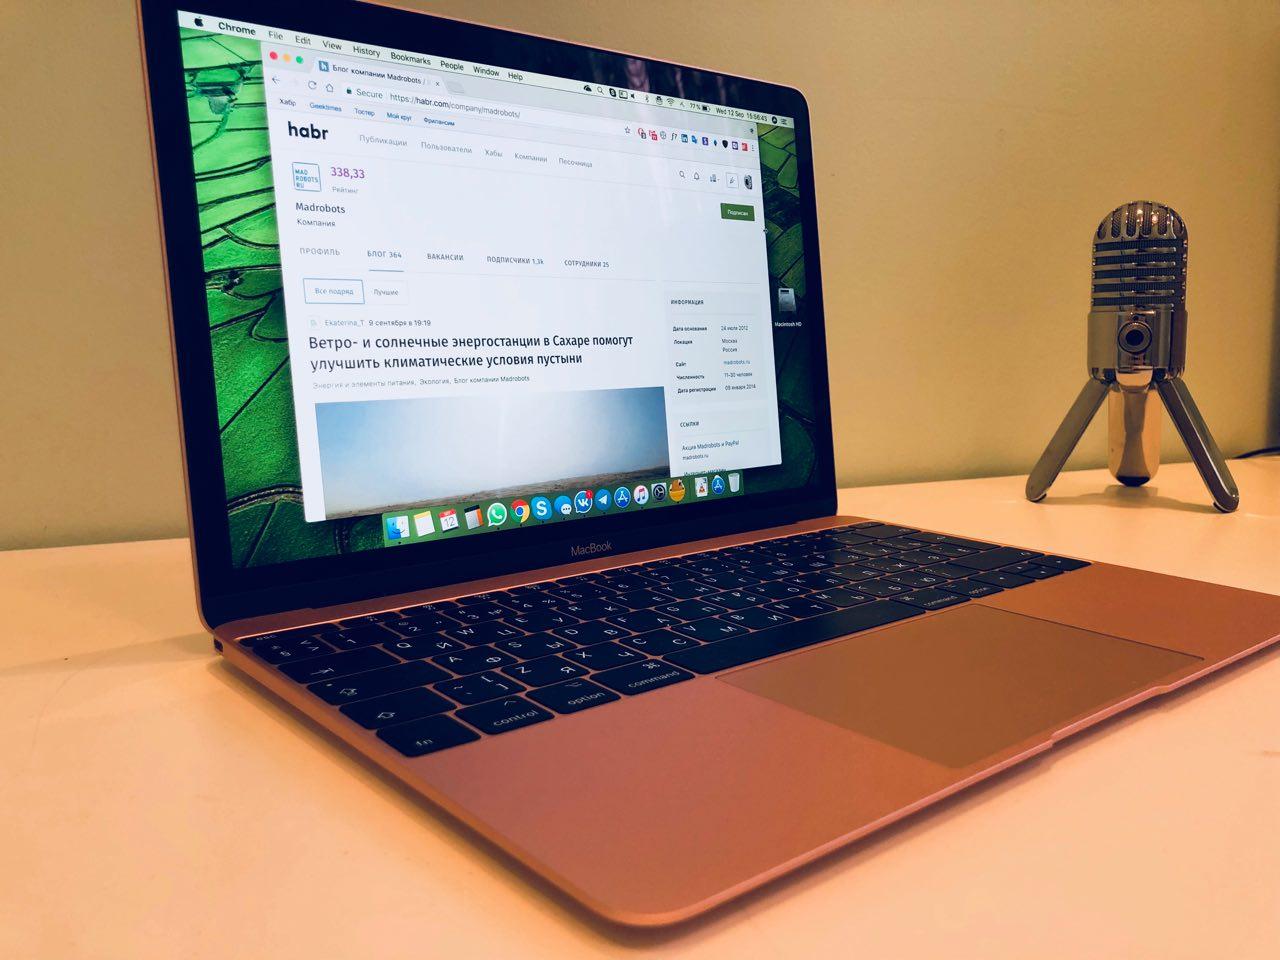 Что не так с «Макбуком»: три важных изменения, которые я надеюсь увидеть в следующем поколении MacBook